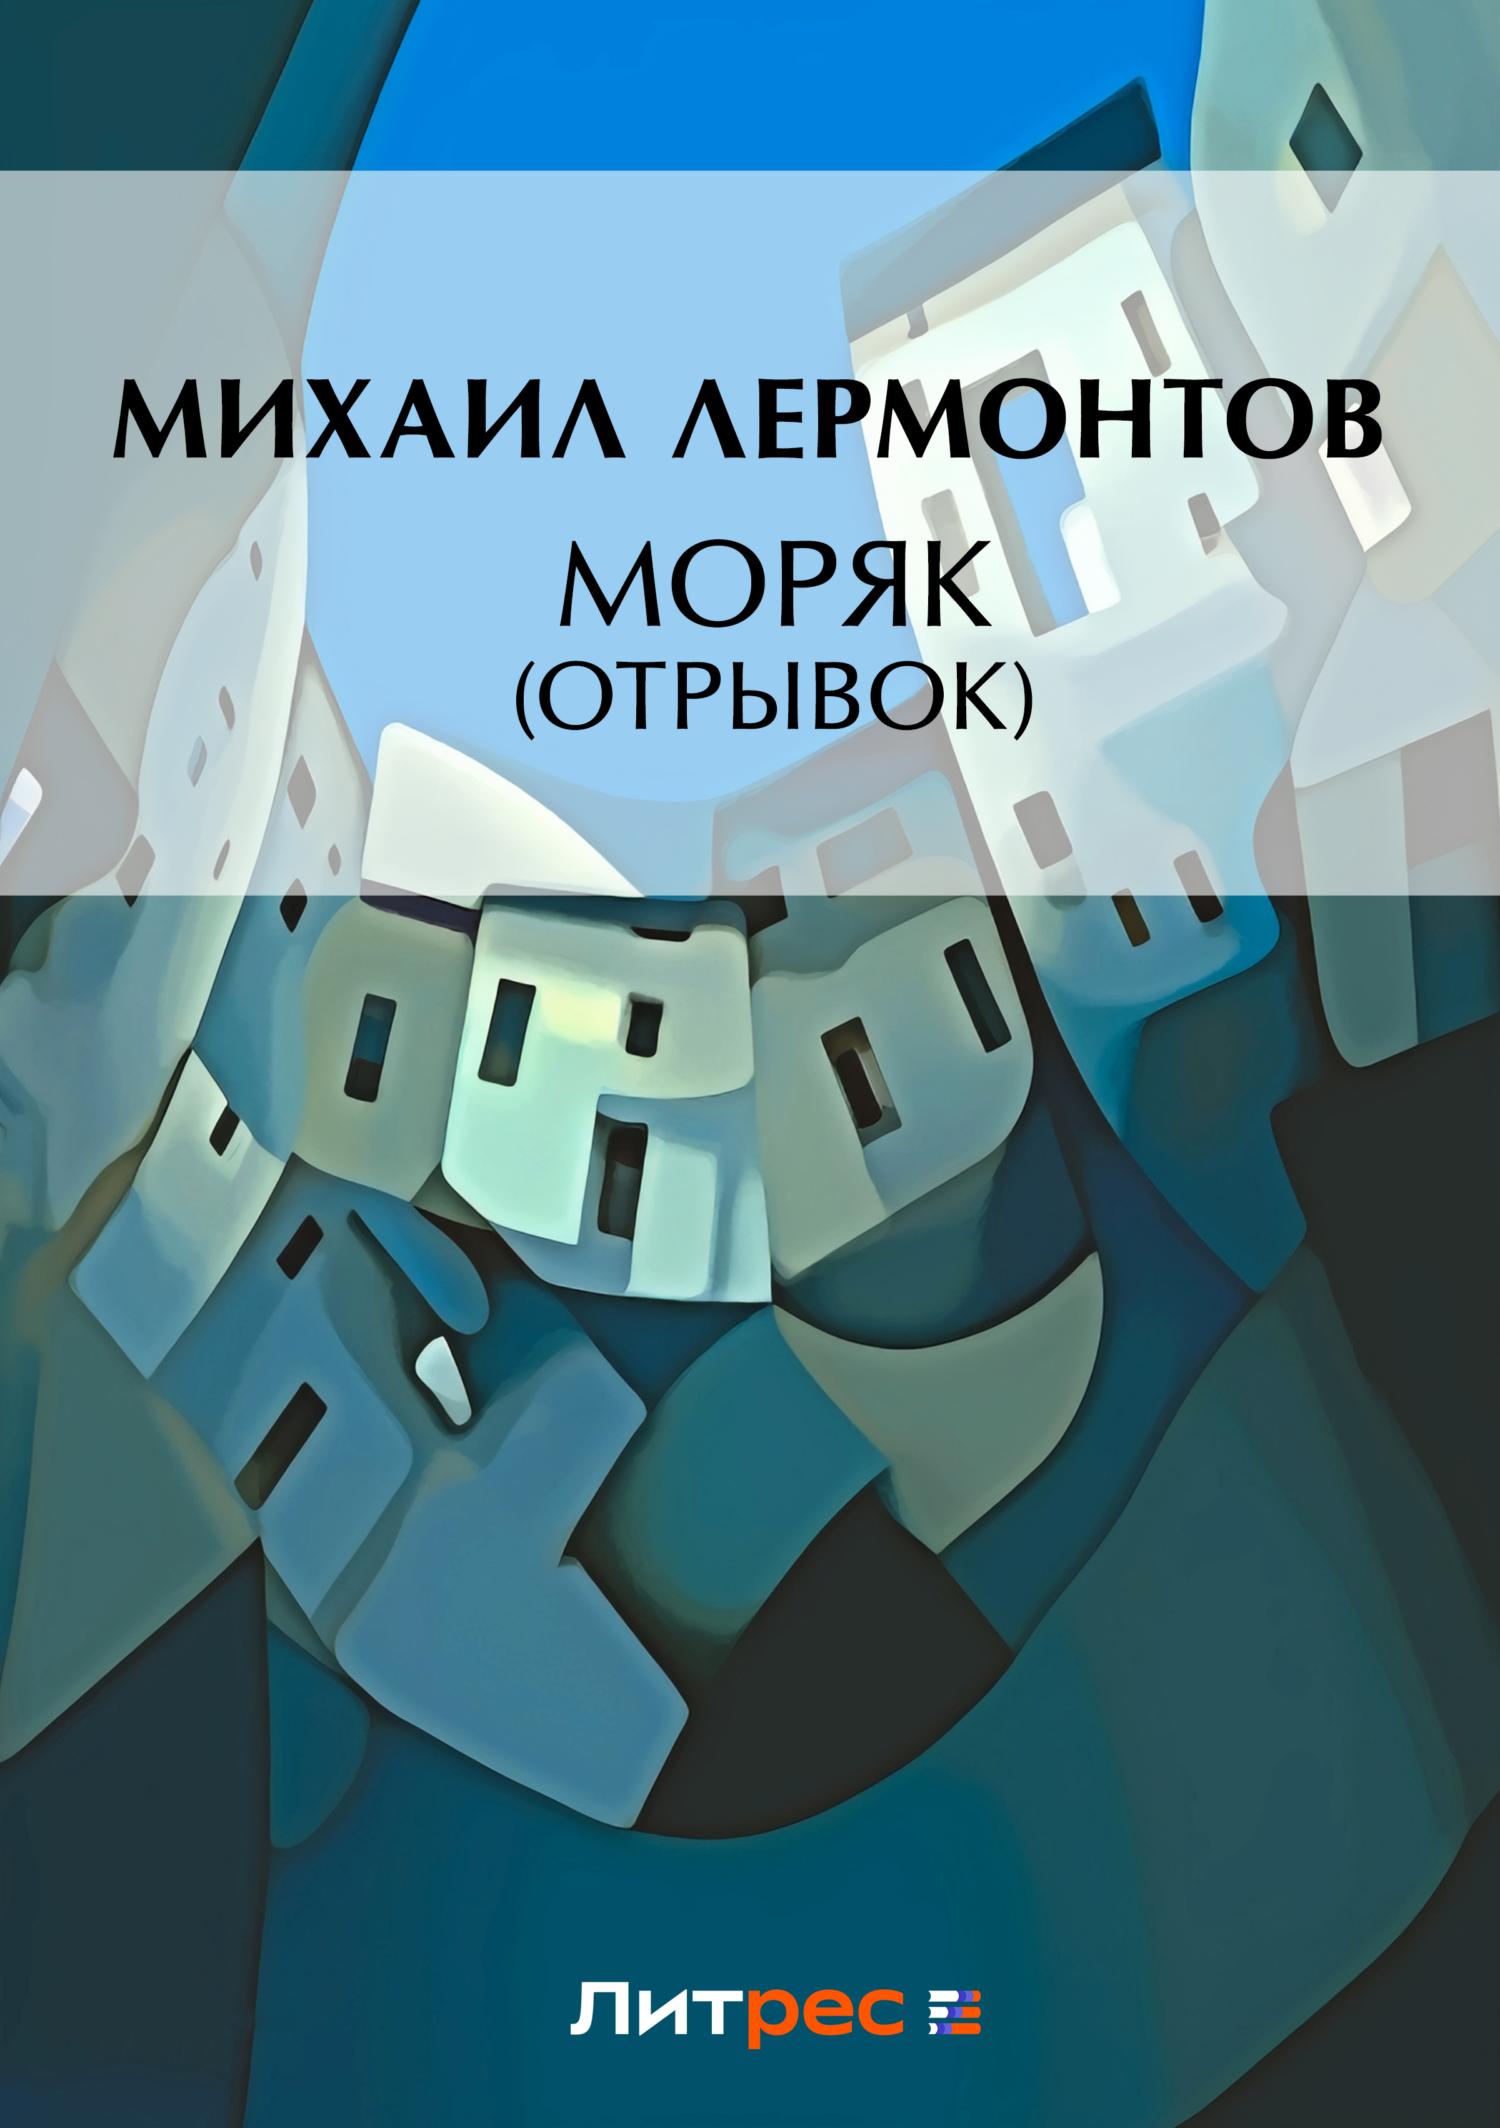 Михаил Лермонтов Моряк (отрывок)